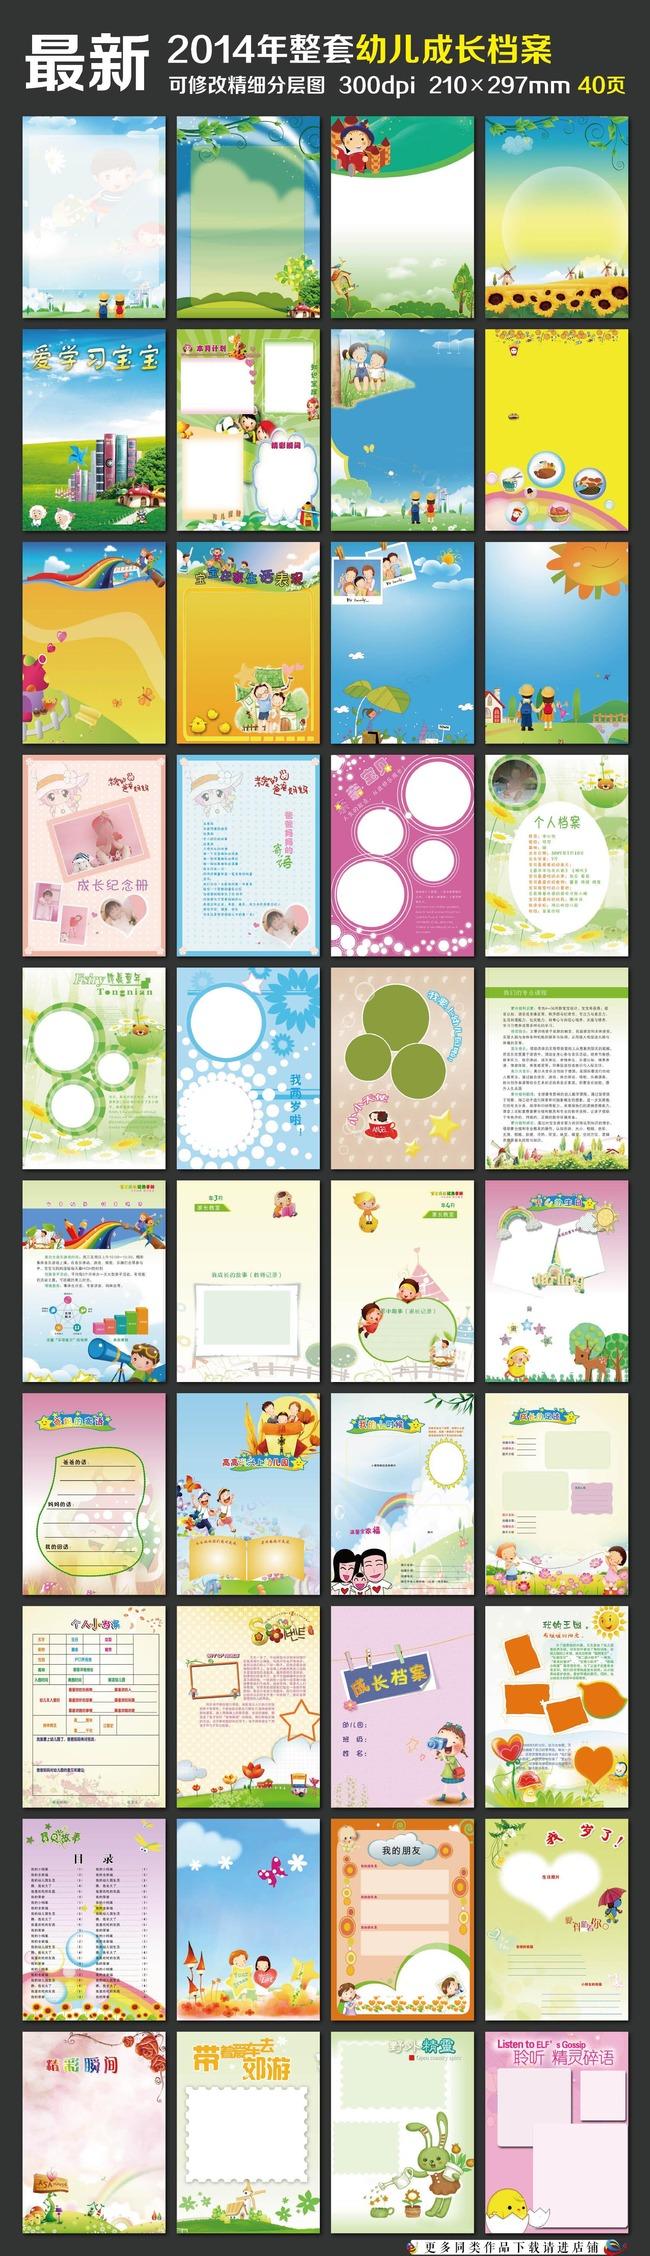 幼儿成长档案成长手册幼儿画册